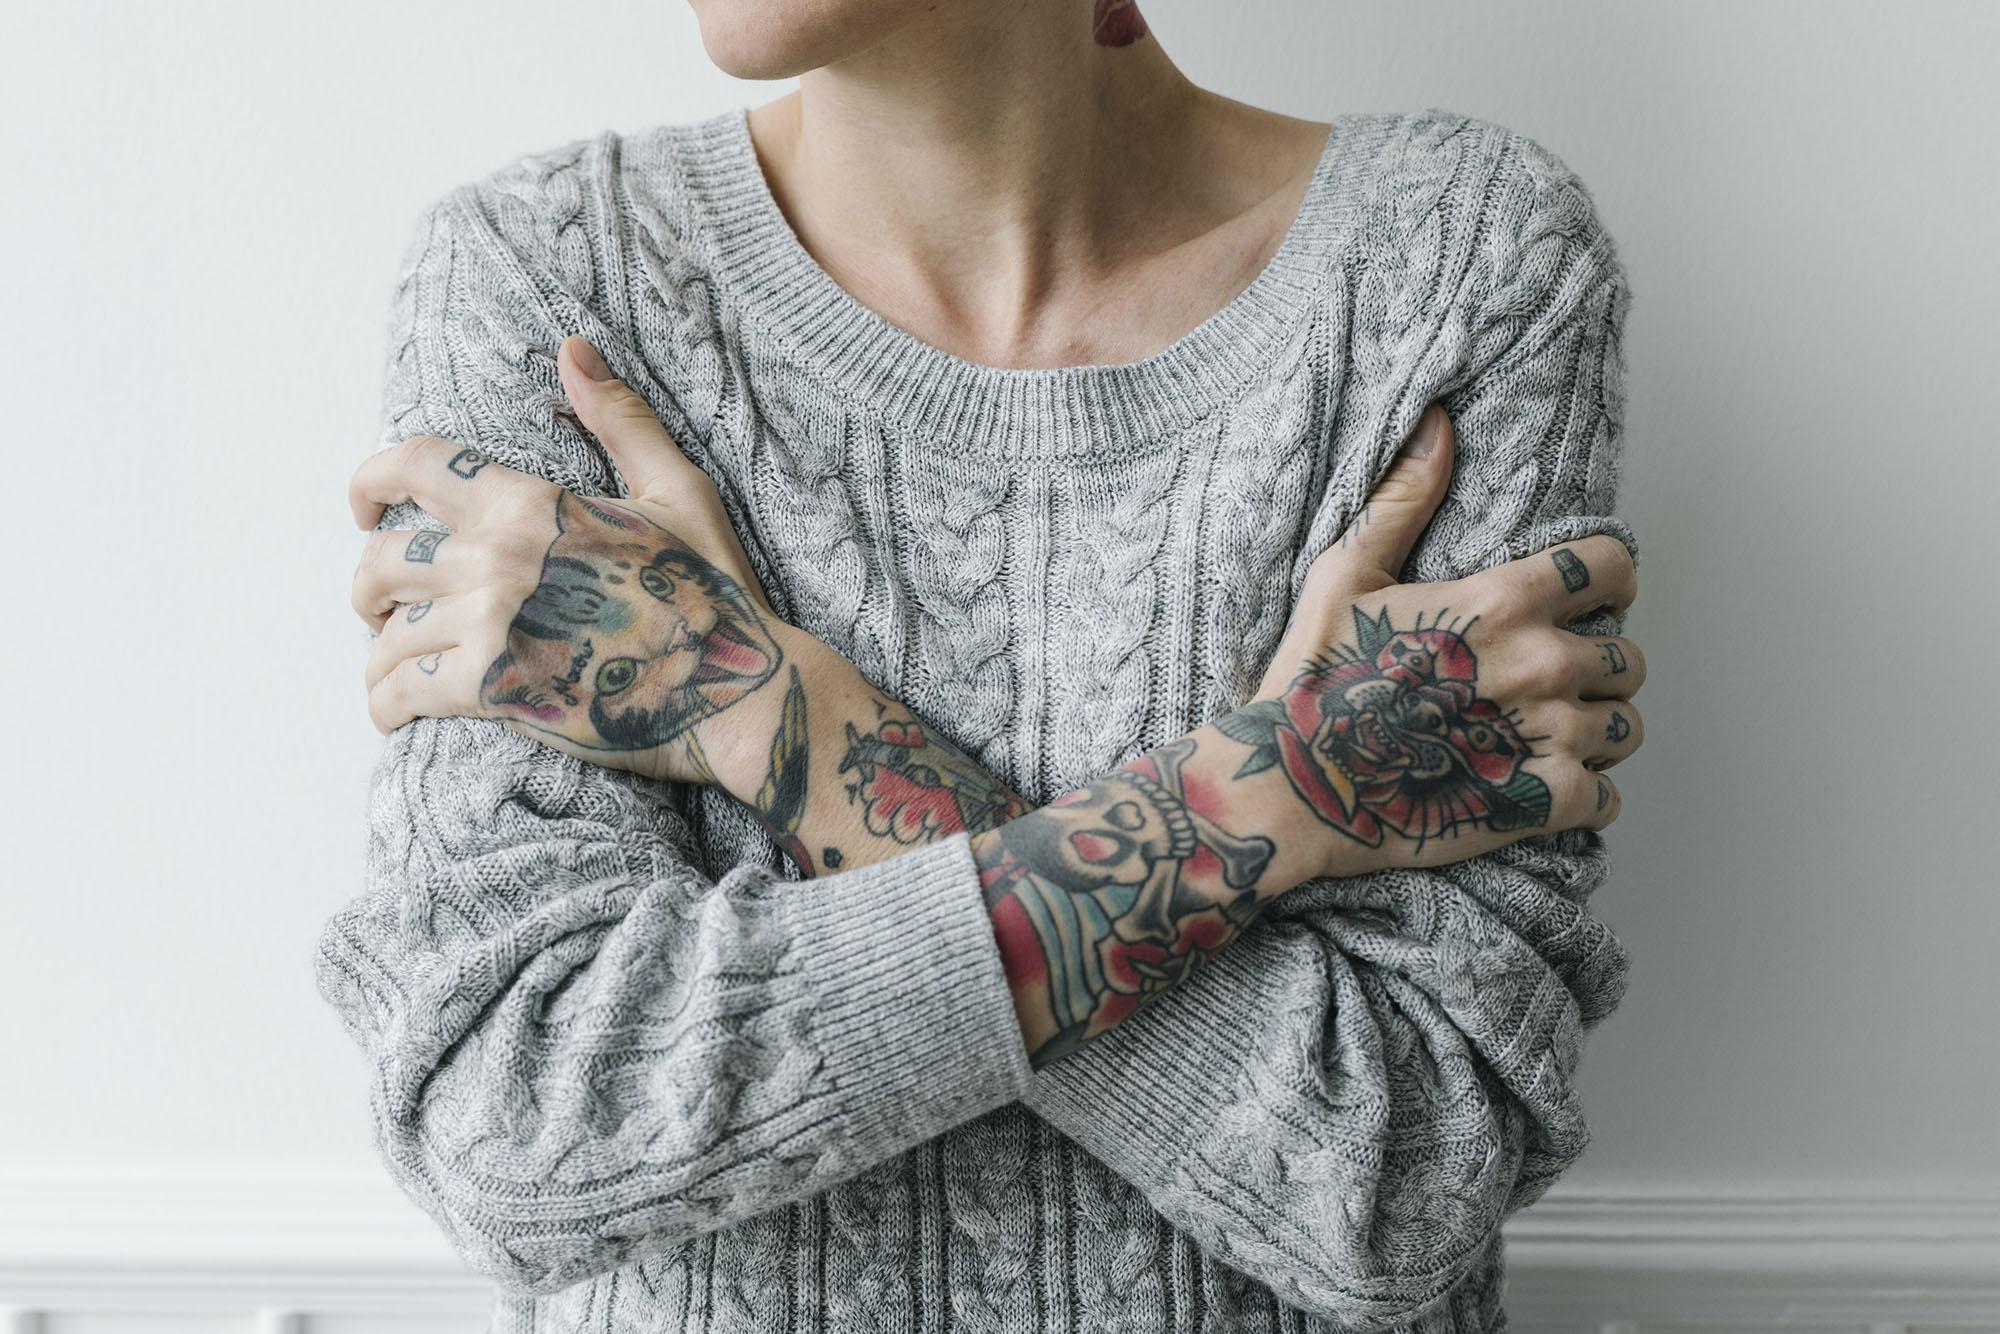 mec avec un tatouage se serrant dans ses bras souffrant d'une faible estime de soi